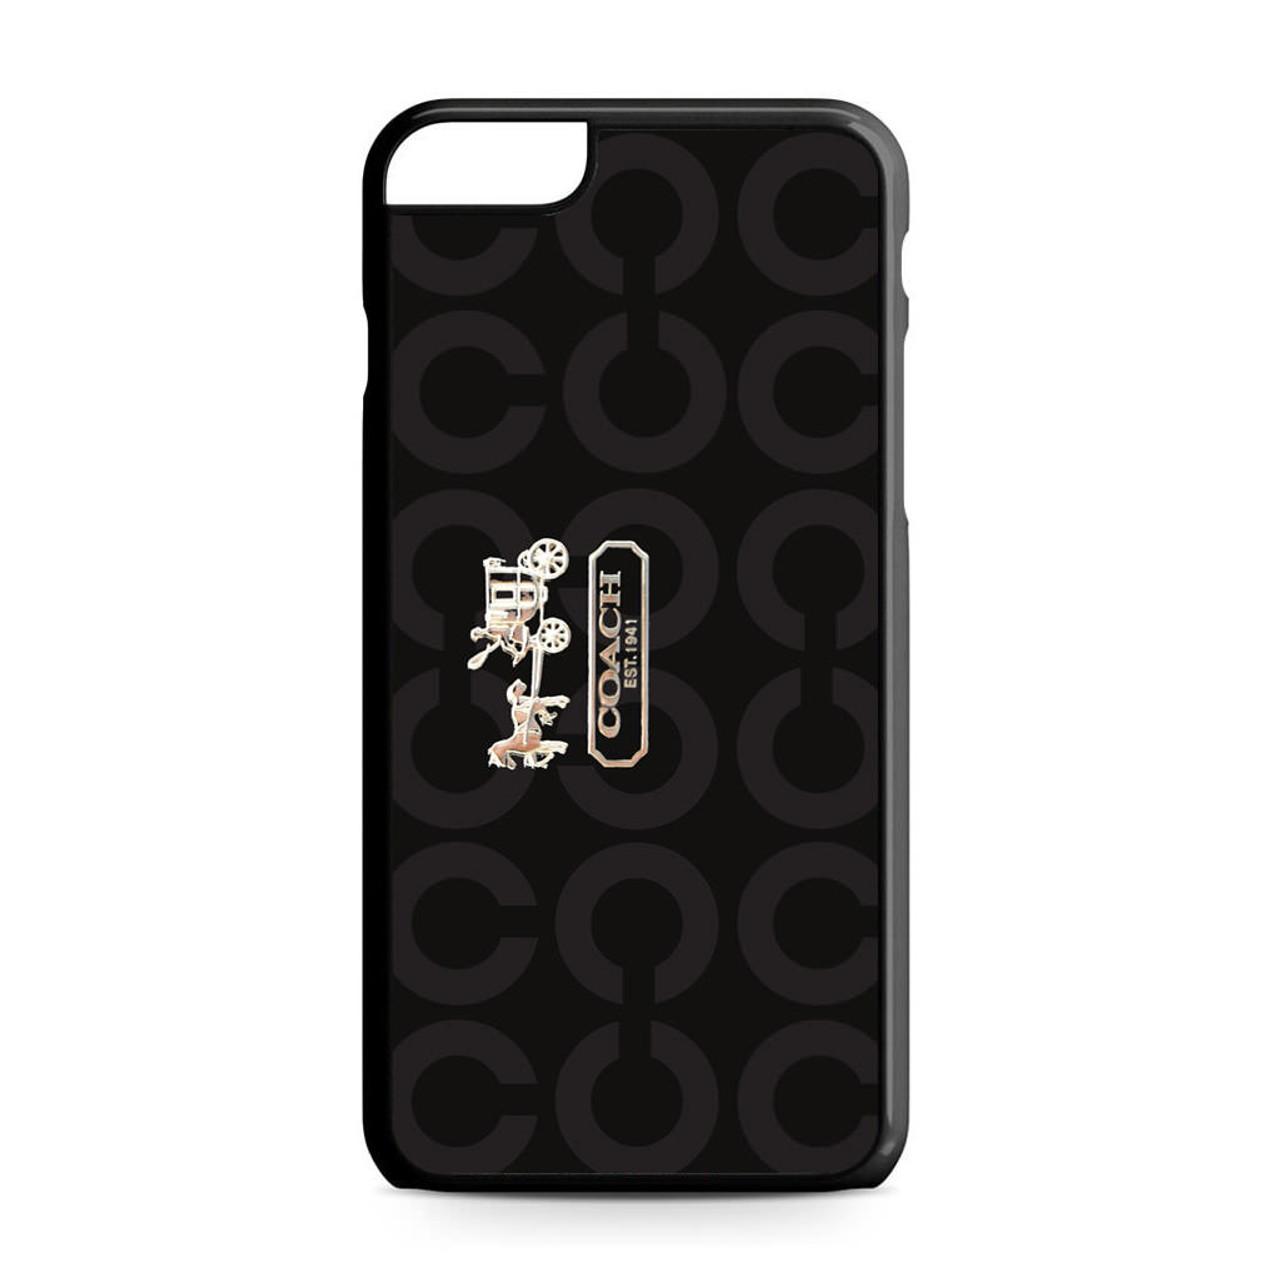 brand new f763a 08a66 Coach Bag iPhone 6 Plus/6S Plus Case